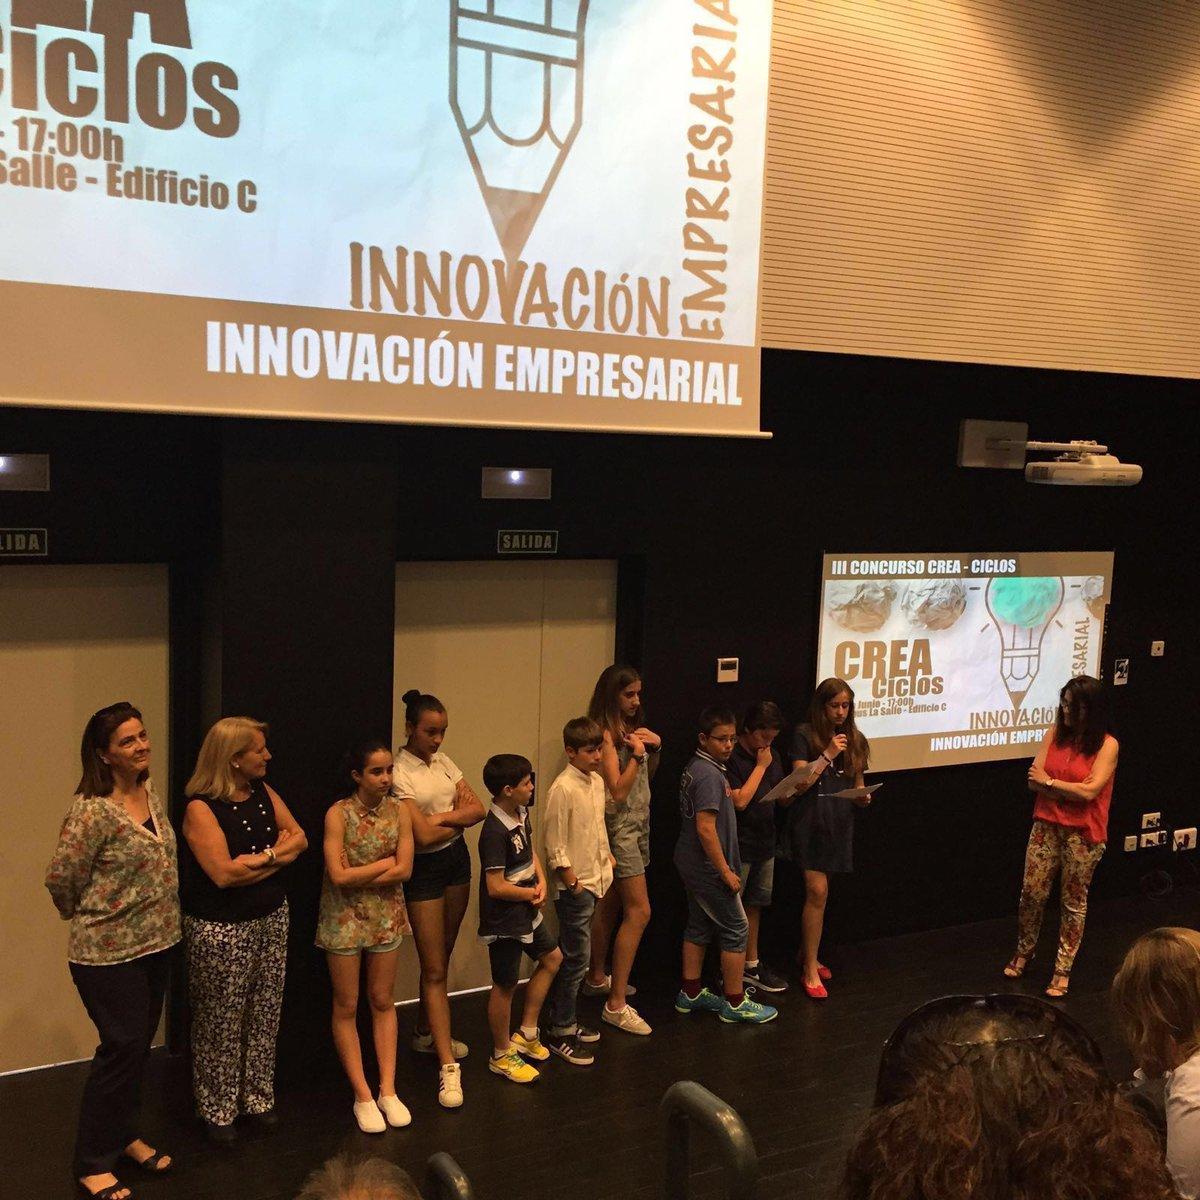 6°de ILSA_Primaria @LaSalleInstituc demostró el potencial de #CREALaSalle desde peques con el proyecto de este curso https://t.co/UHs0lTApR5